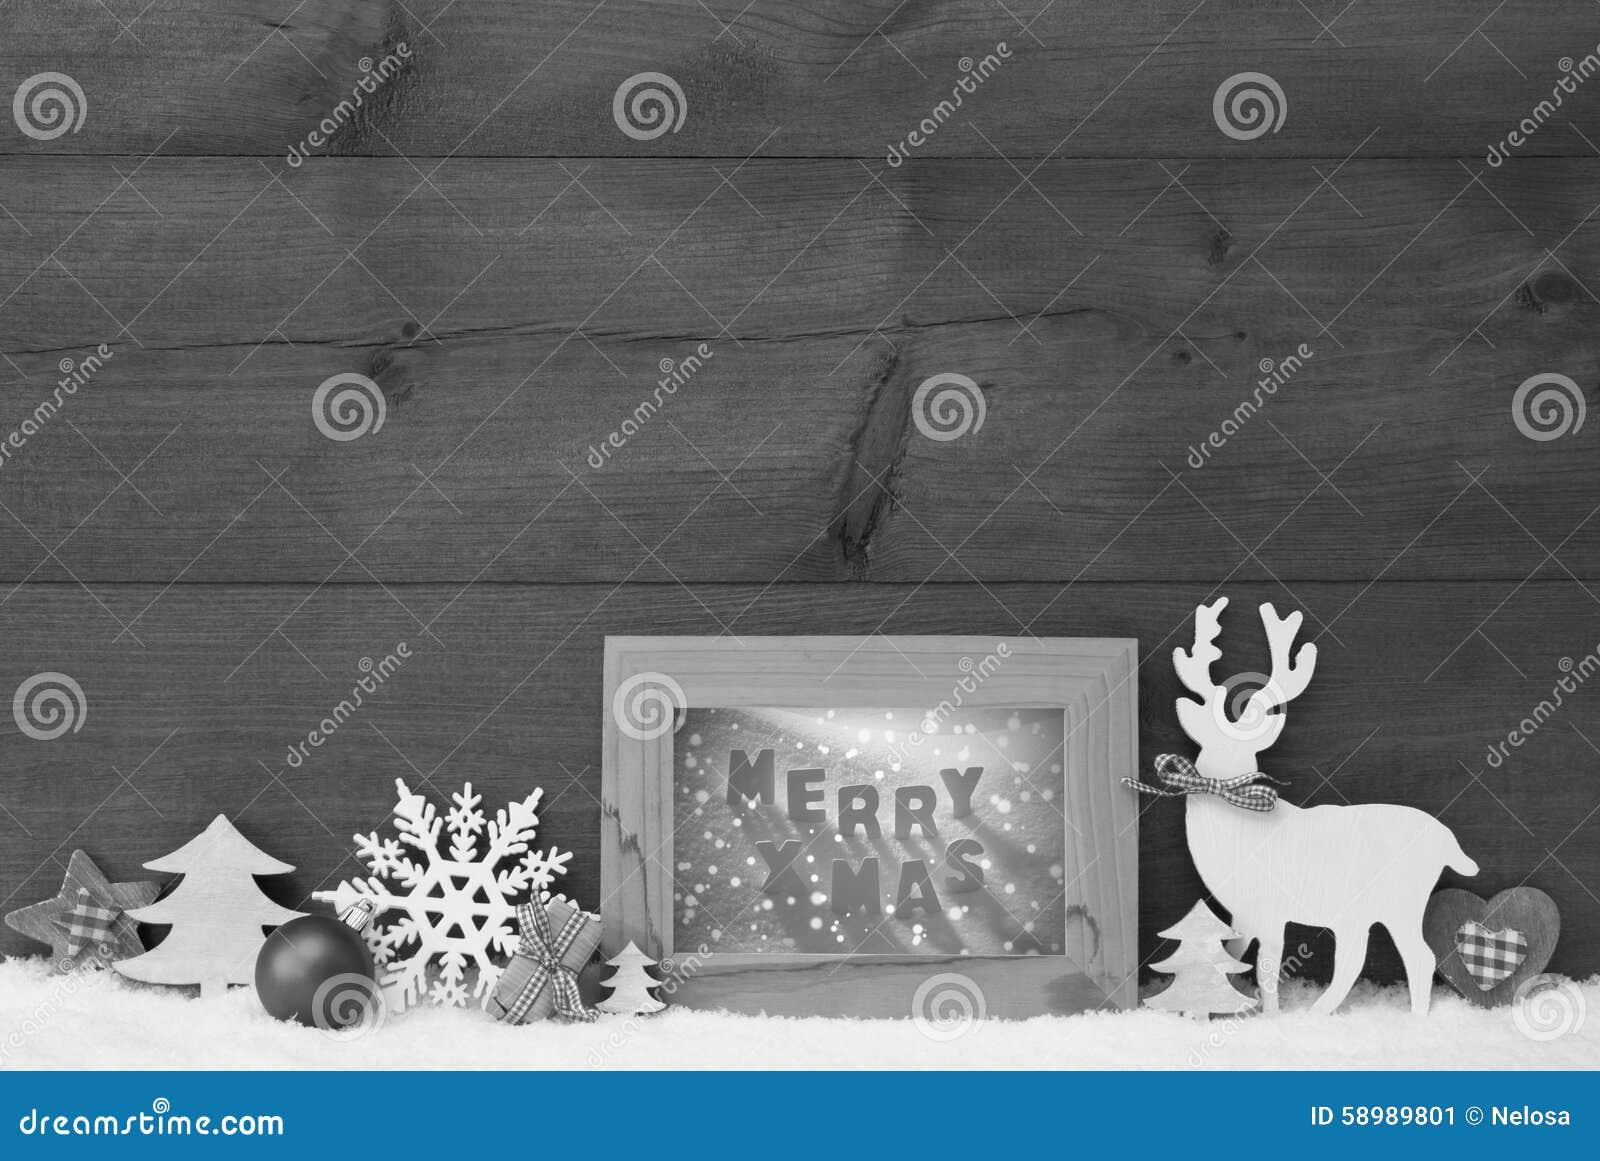 schwarzweiss weihnachtshintergrund schnee rahmen. Black Bedroom Furniture Sets. Home Design Ideas